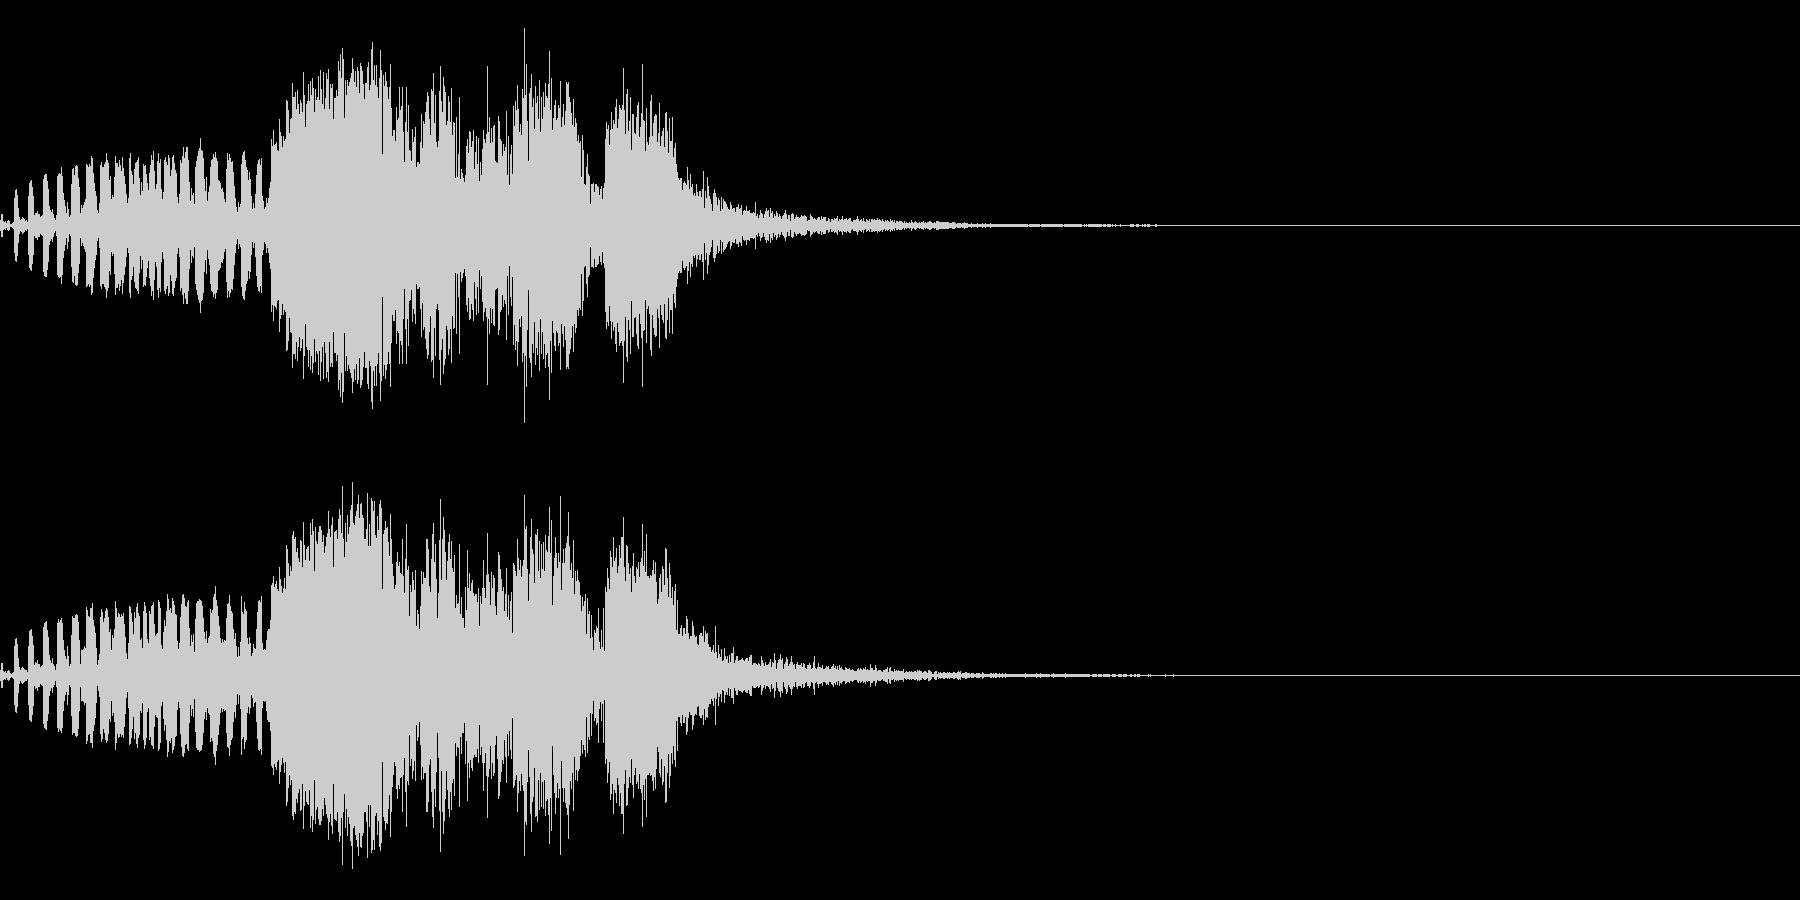 スパーク音-39の未再生の波形